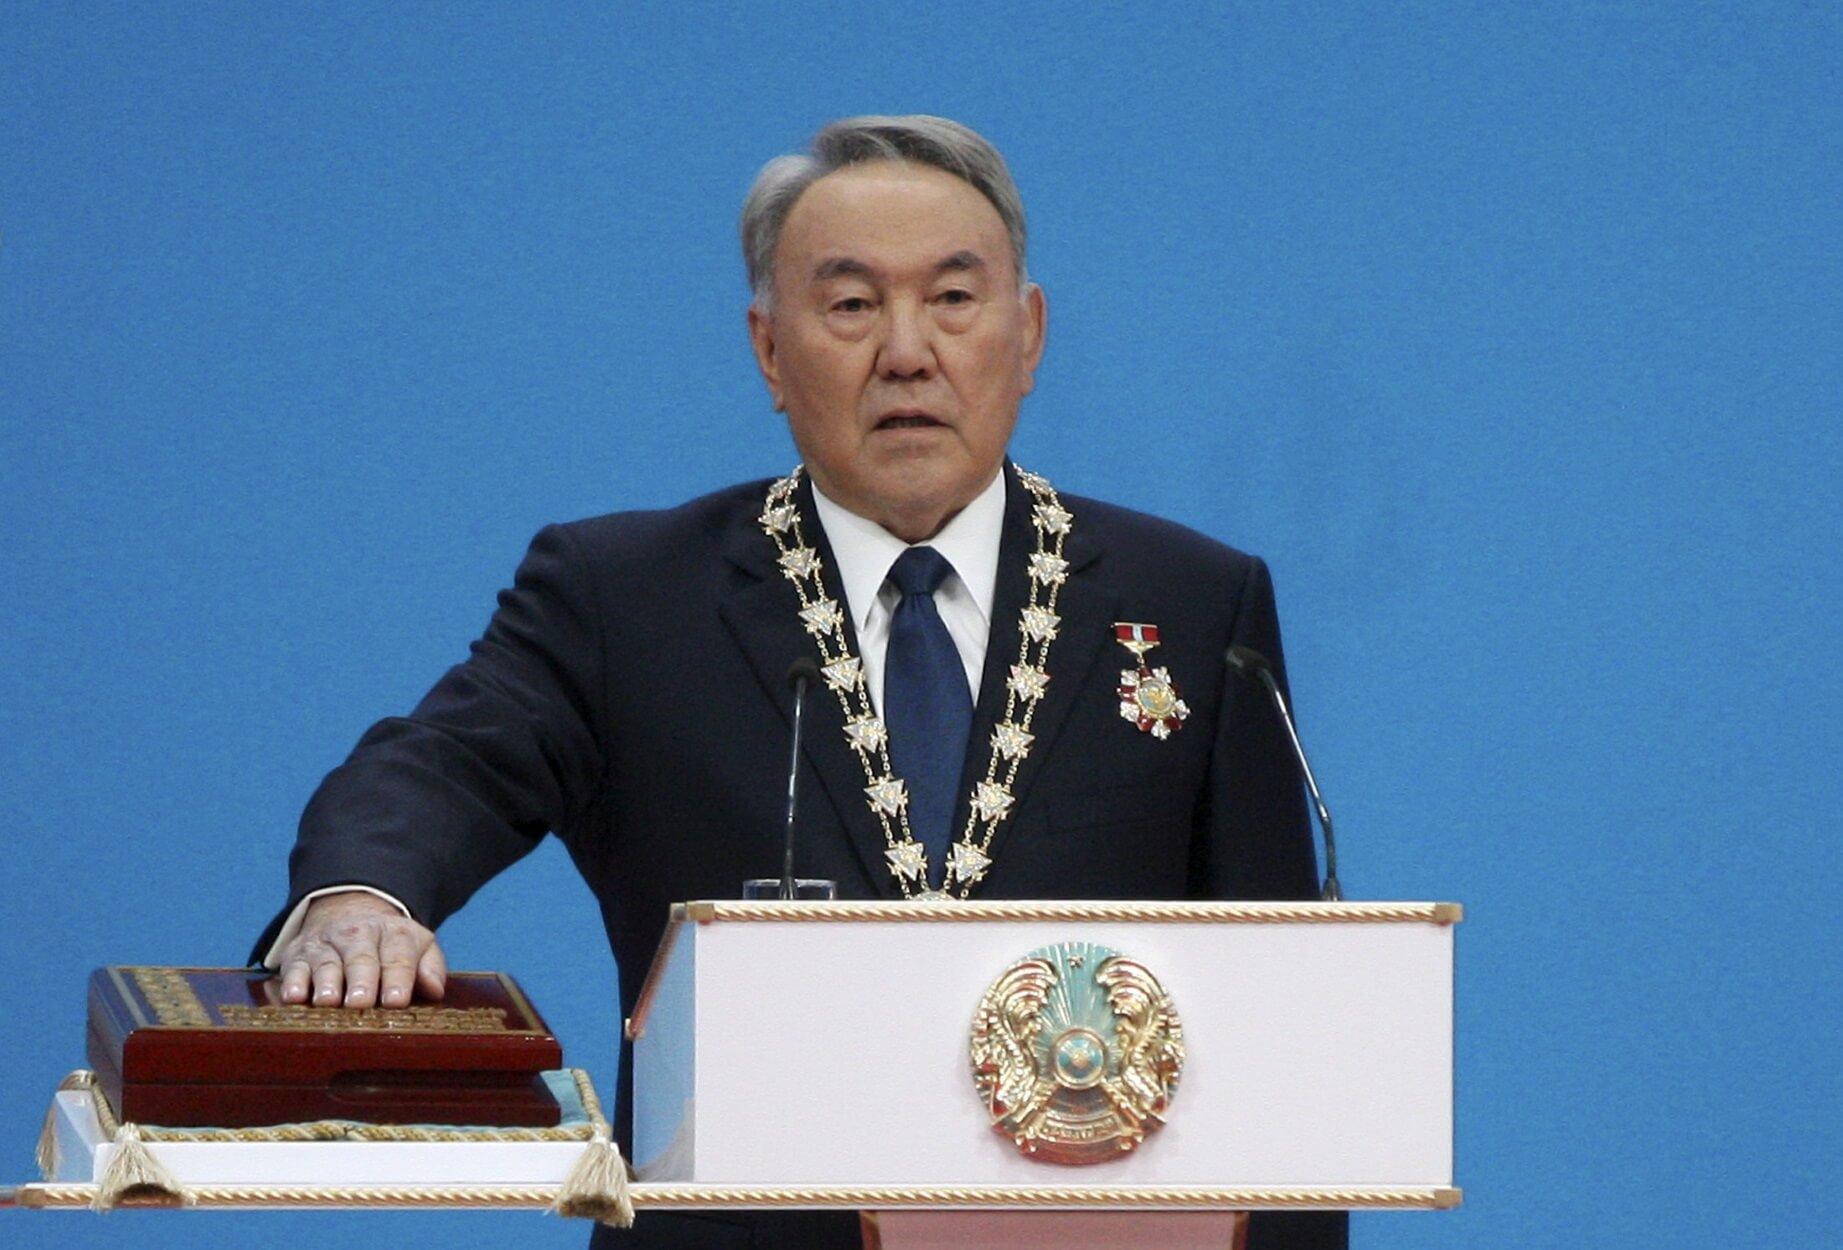 Καζακστάν: Τέλος εποχής έπειτα από 30 χρόνια για Ναζαρμπάγεφ – Ο τελευταίος σοβιετικός ολιγάρχης!